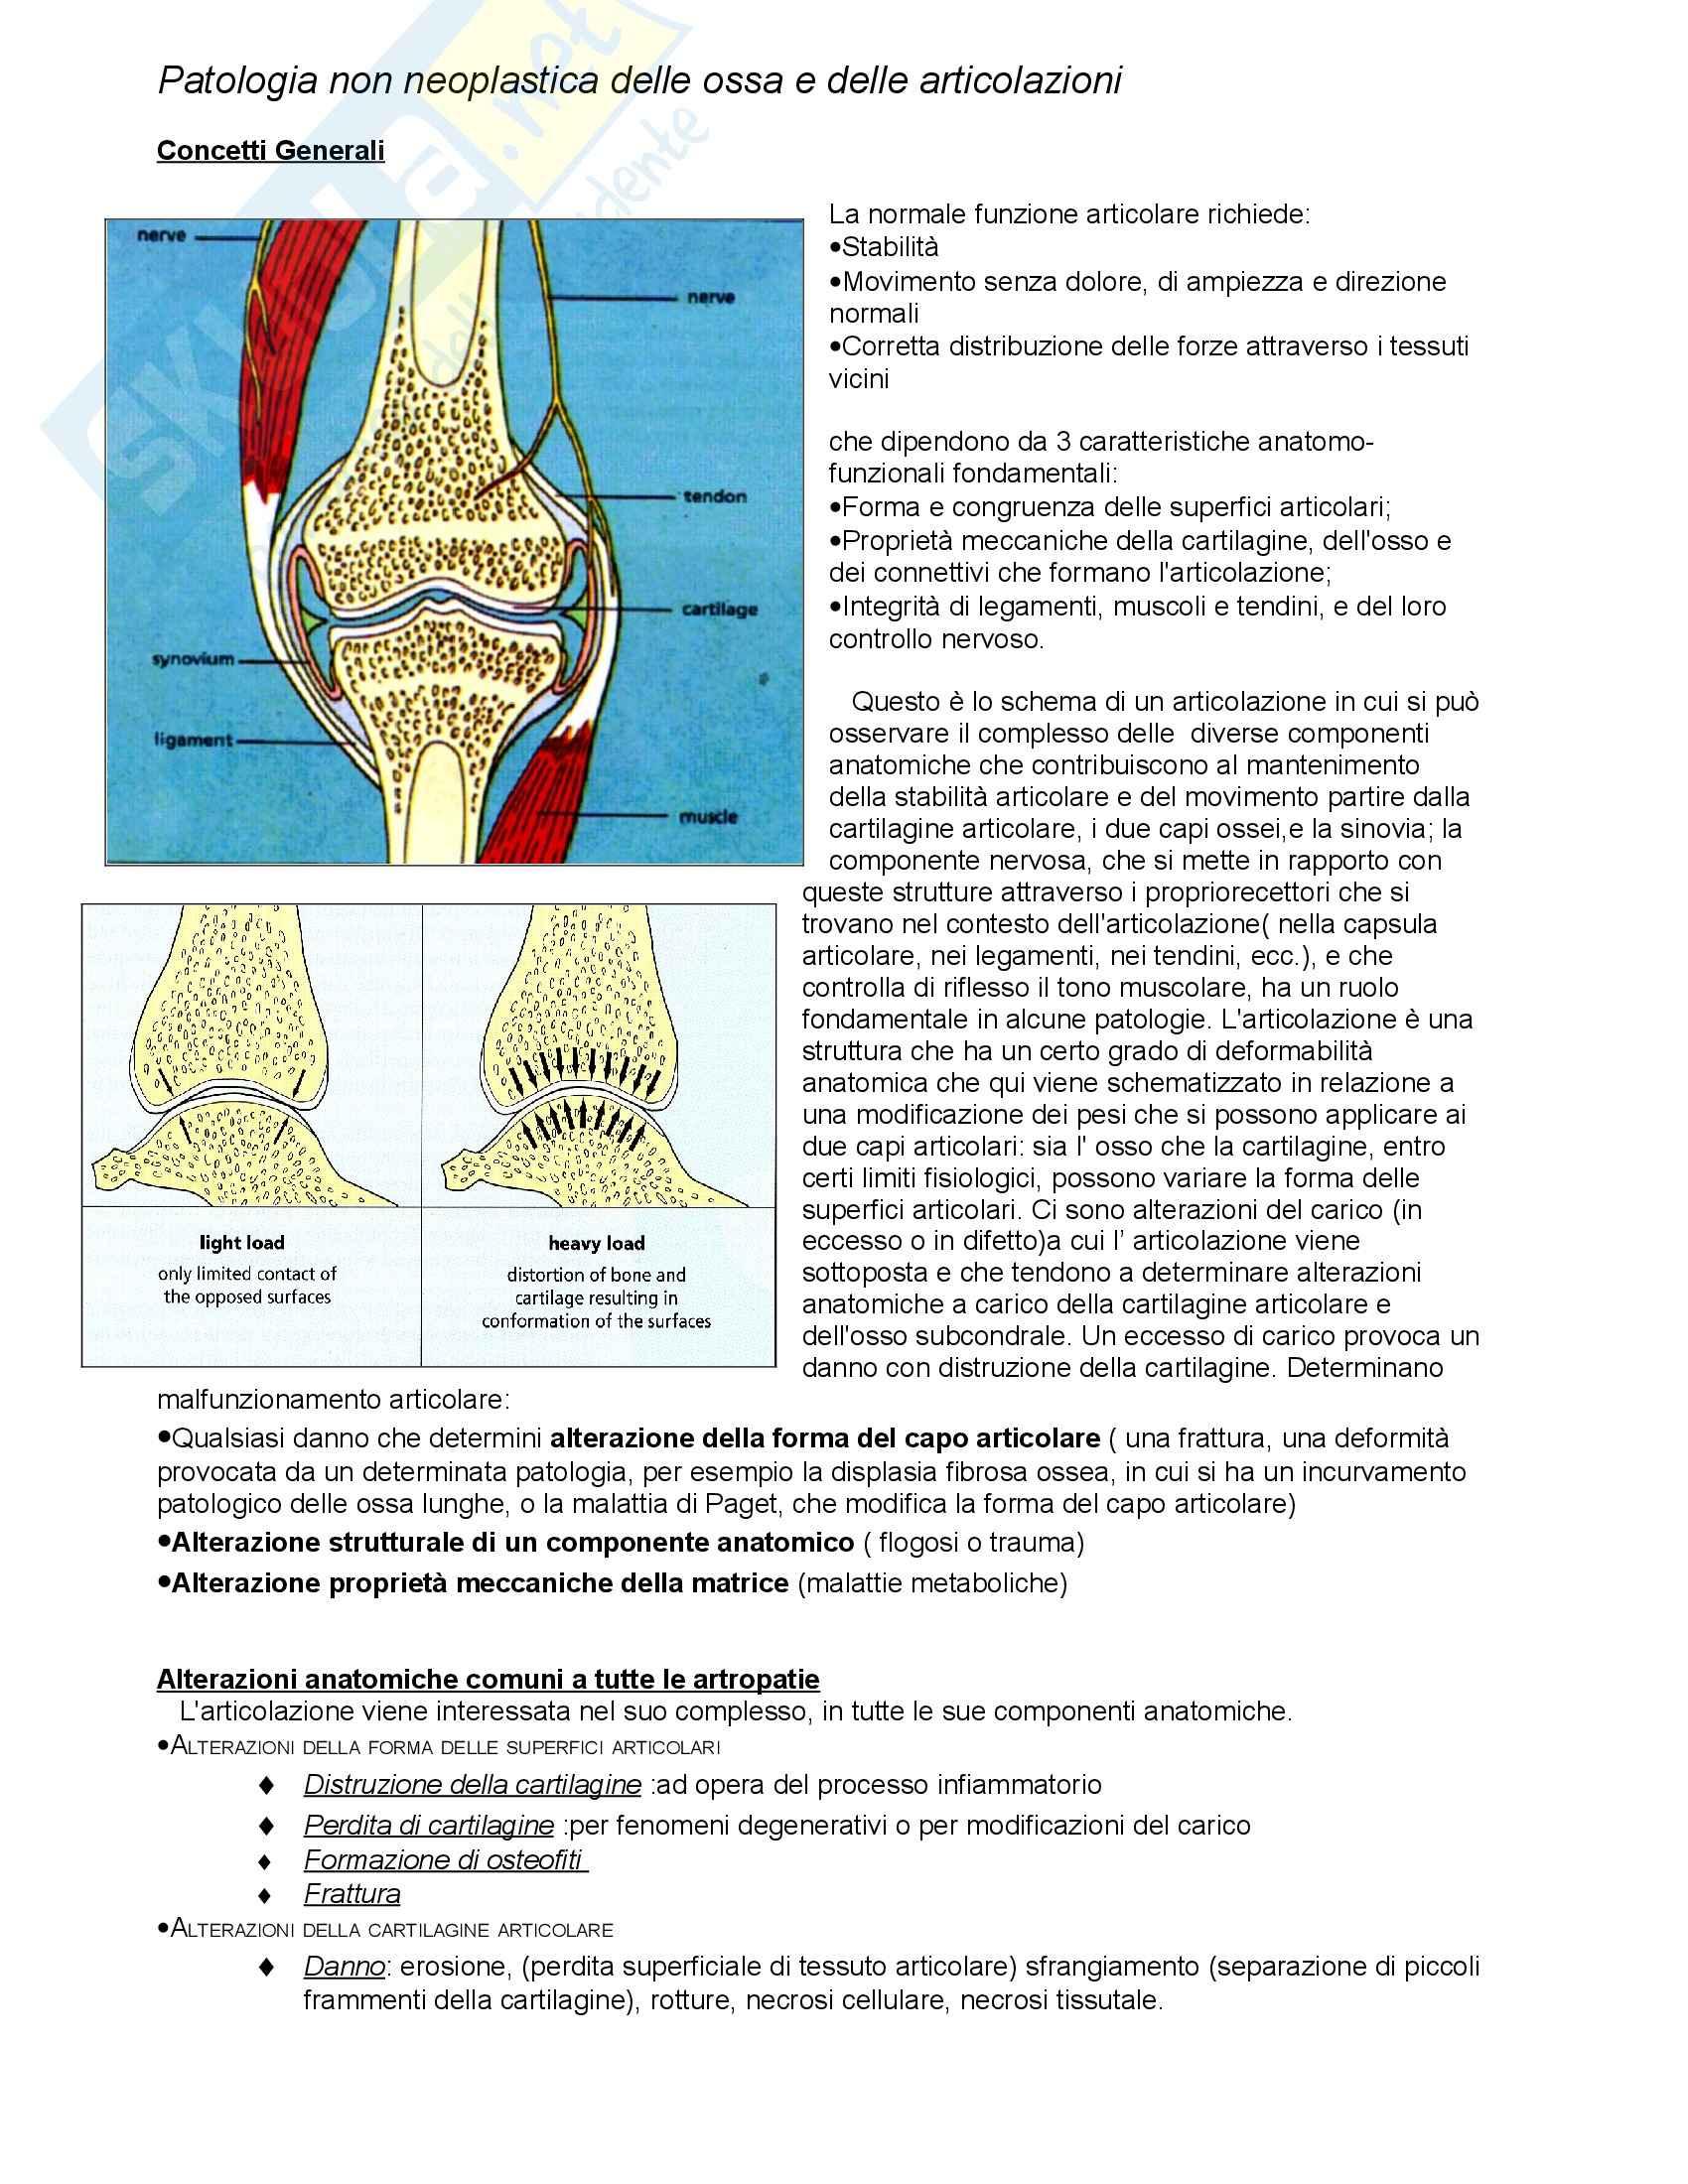 Anatomia Patologica - Patologia del connettivo Pag. 6